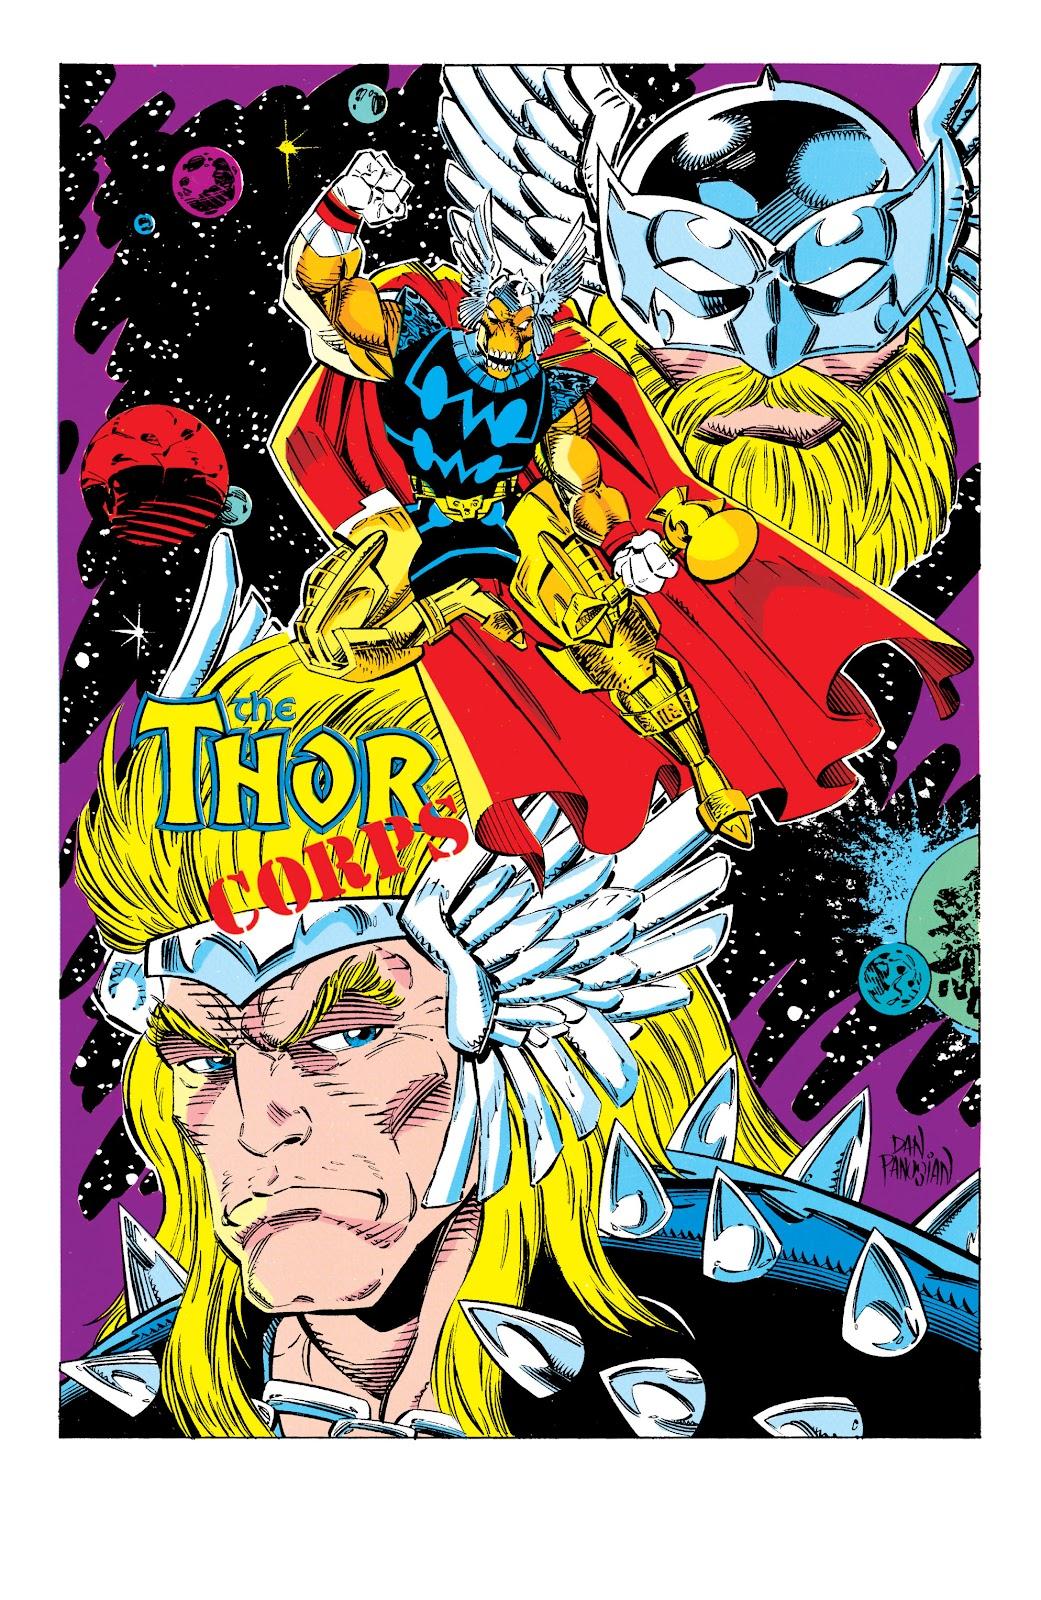 Read online Avengers: Citizen Kang comic -  Issue # TPB (Part 2) - 13